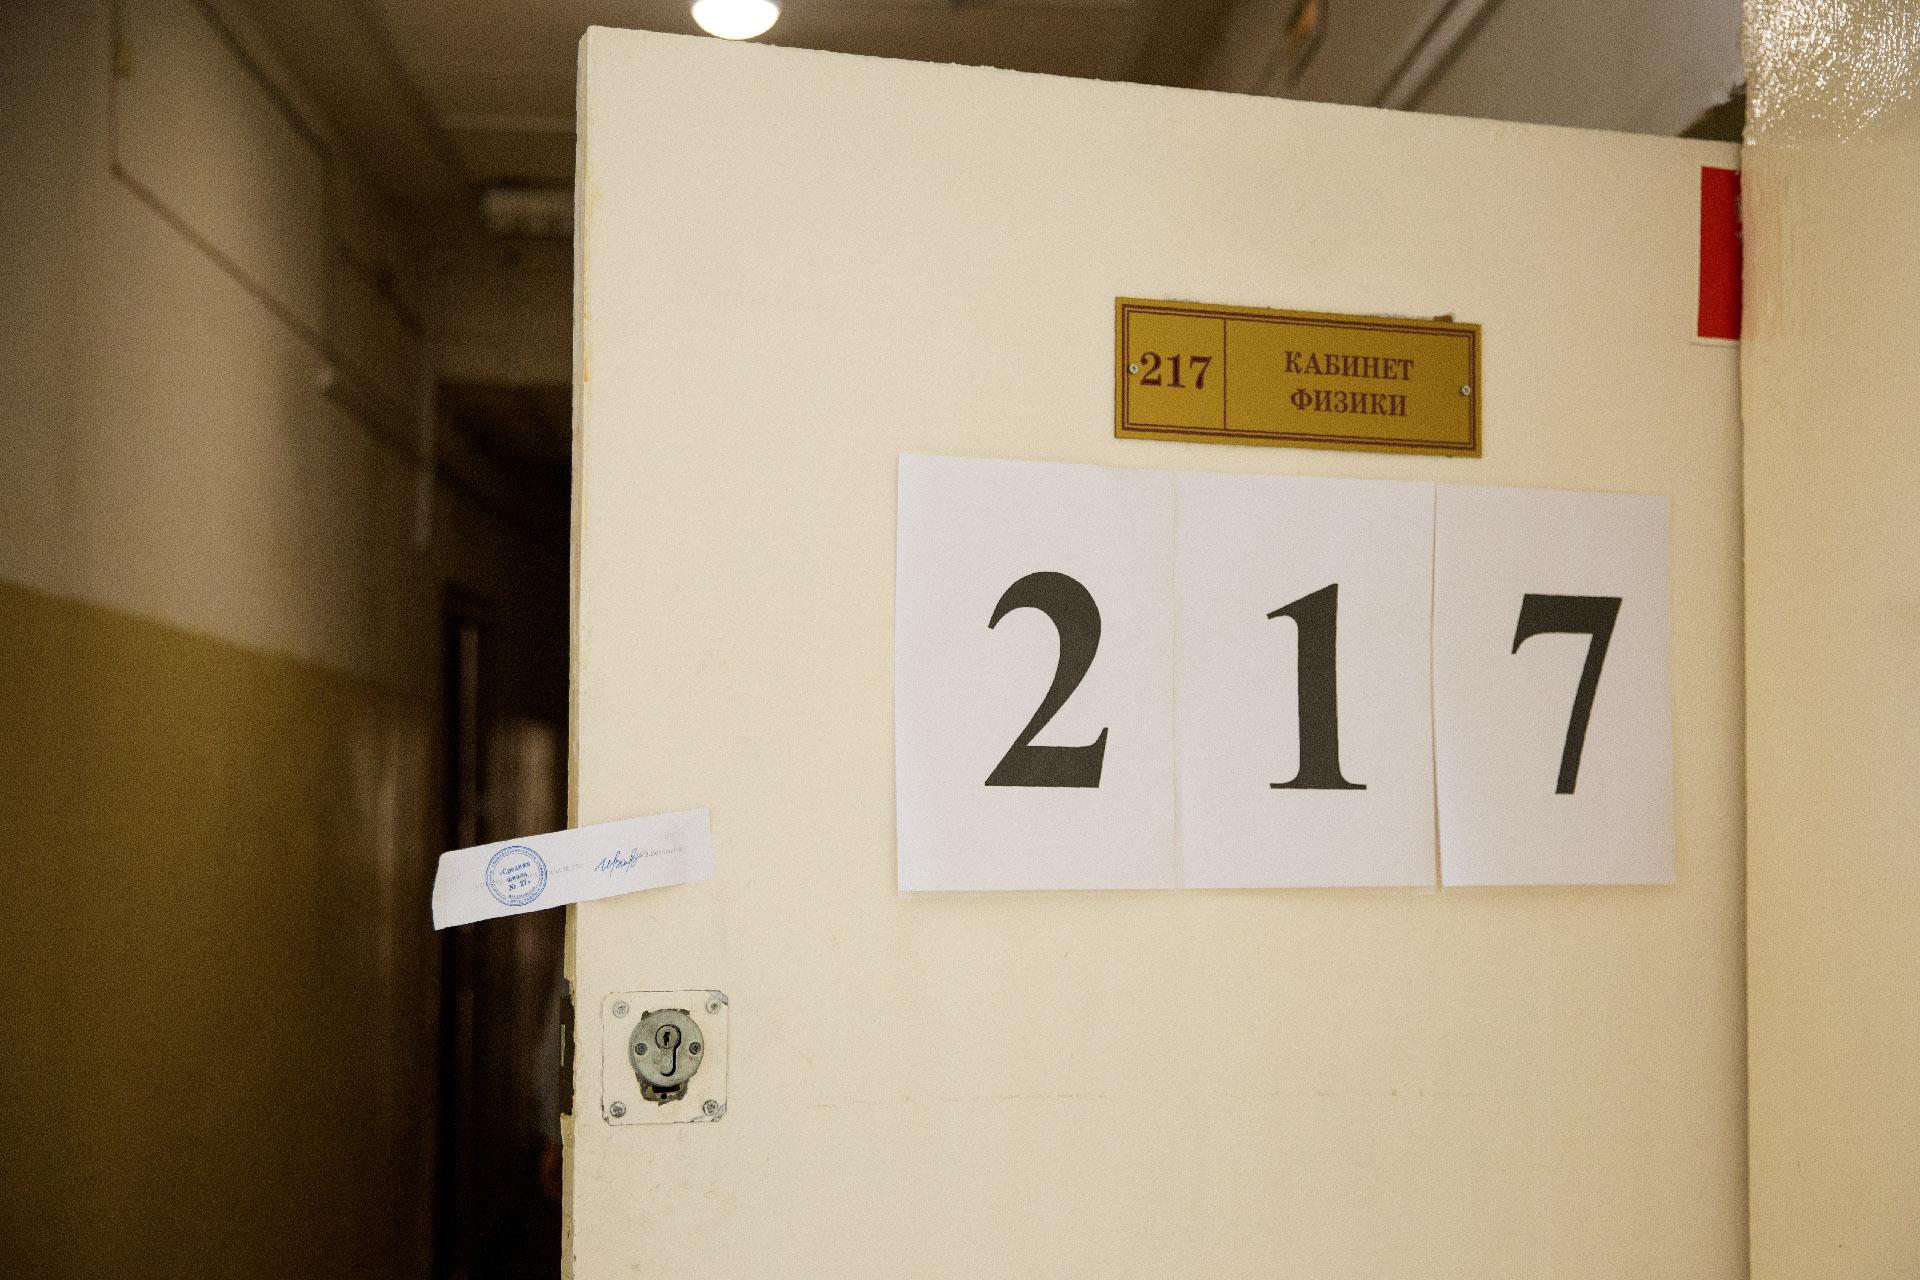 Перед экзаменом двери в кабинетах были опечатаны